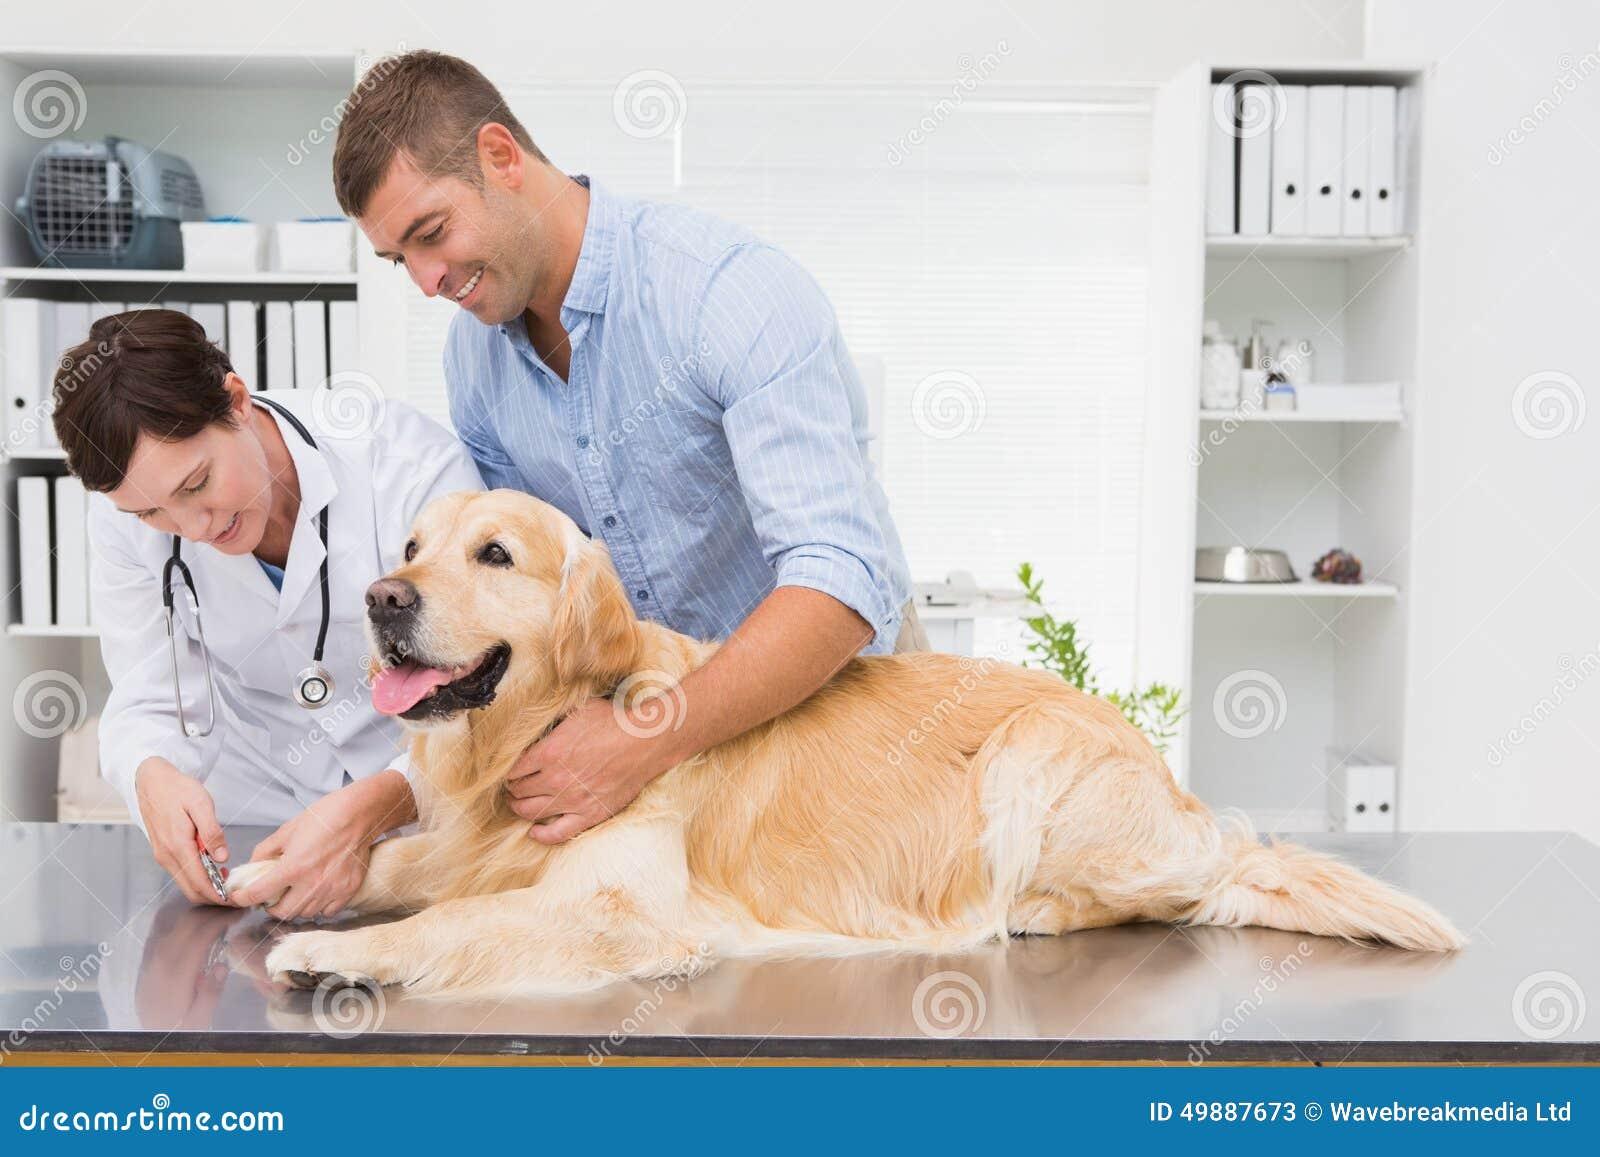 V t rinaire l 39 aide du coupe ongles sur un chien avec son propri taire photo stock image - Couper les ongle d un chien ...